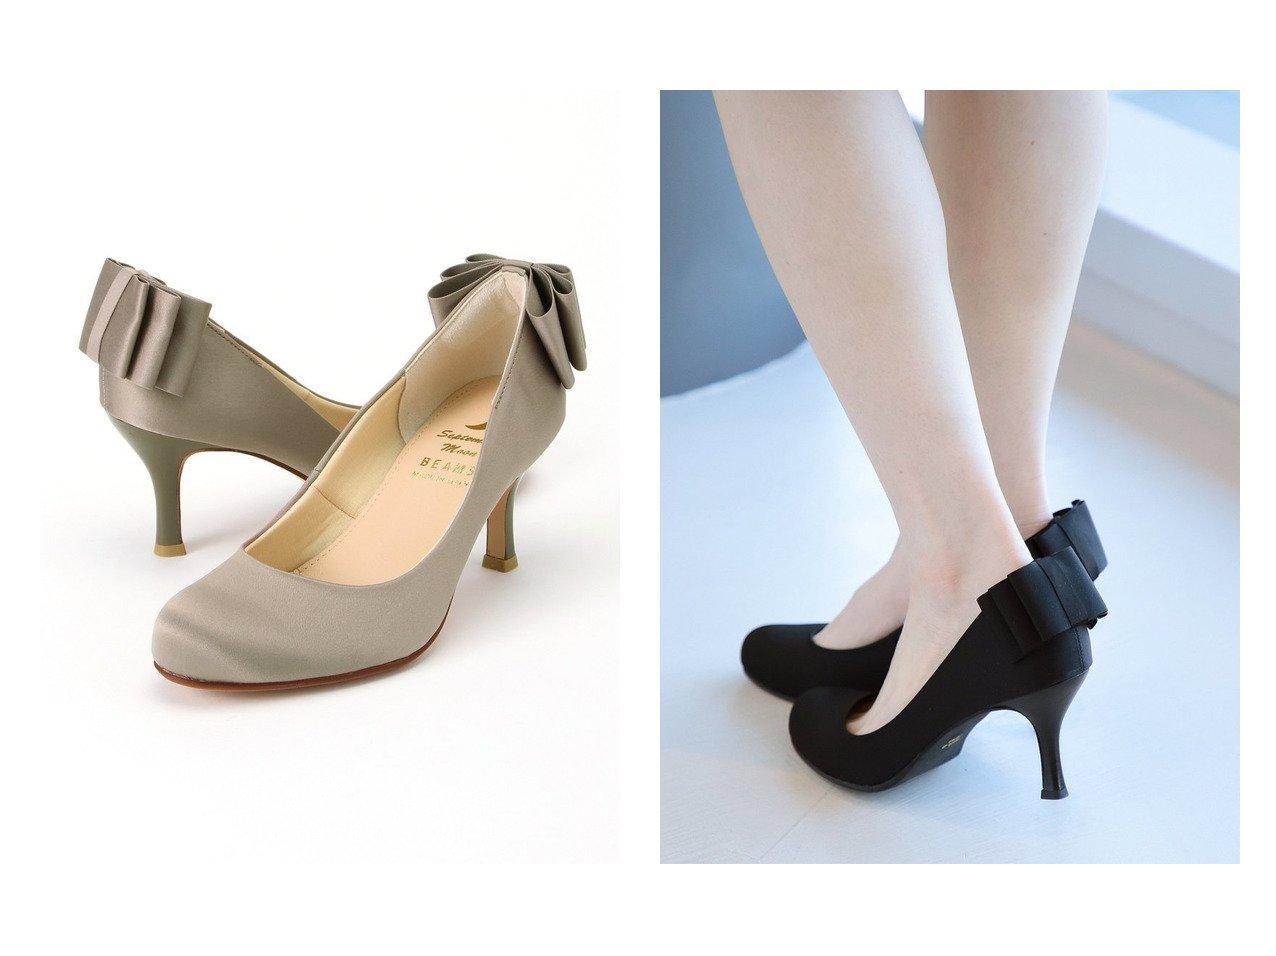 【Ray BEAMS/レイ ビームス】のバックリボン パンプス 【シューズ・靴】おすすめ!人気、トレンド・レディースファッションの通販  おすすめで人気の流行・トレンド、ファッションの通販商品 メンズファッション・キッズファッション・インテリア・家具・レディースファッション・服の通販 founy(ファニー) https://founy.com/ ファッション Fashion レディースファッション WOMEN エレガント サテン シューズ バランス パーティ モチーフ リボン 人気 |ID:crp329100000026276